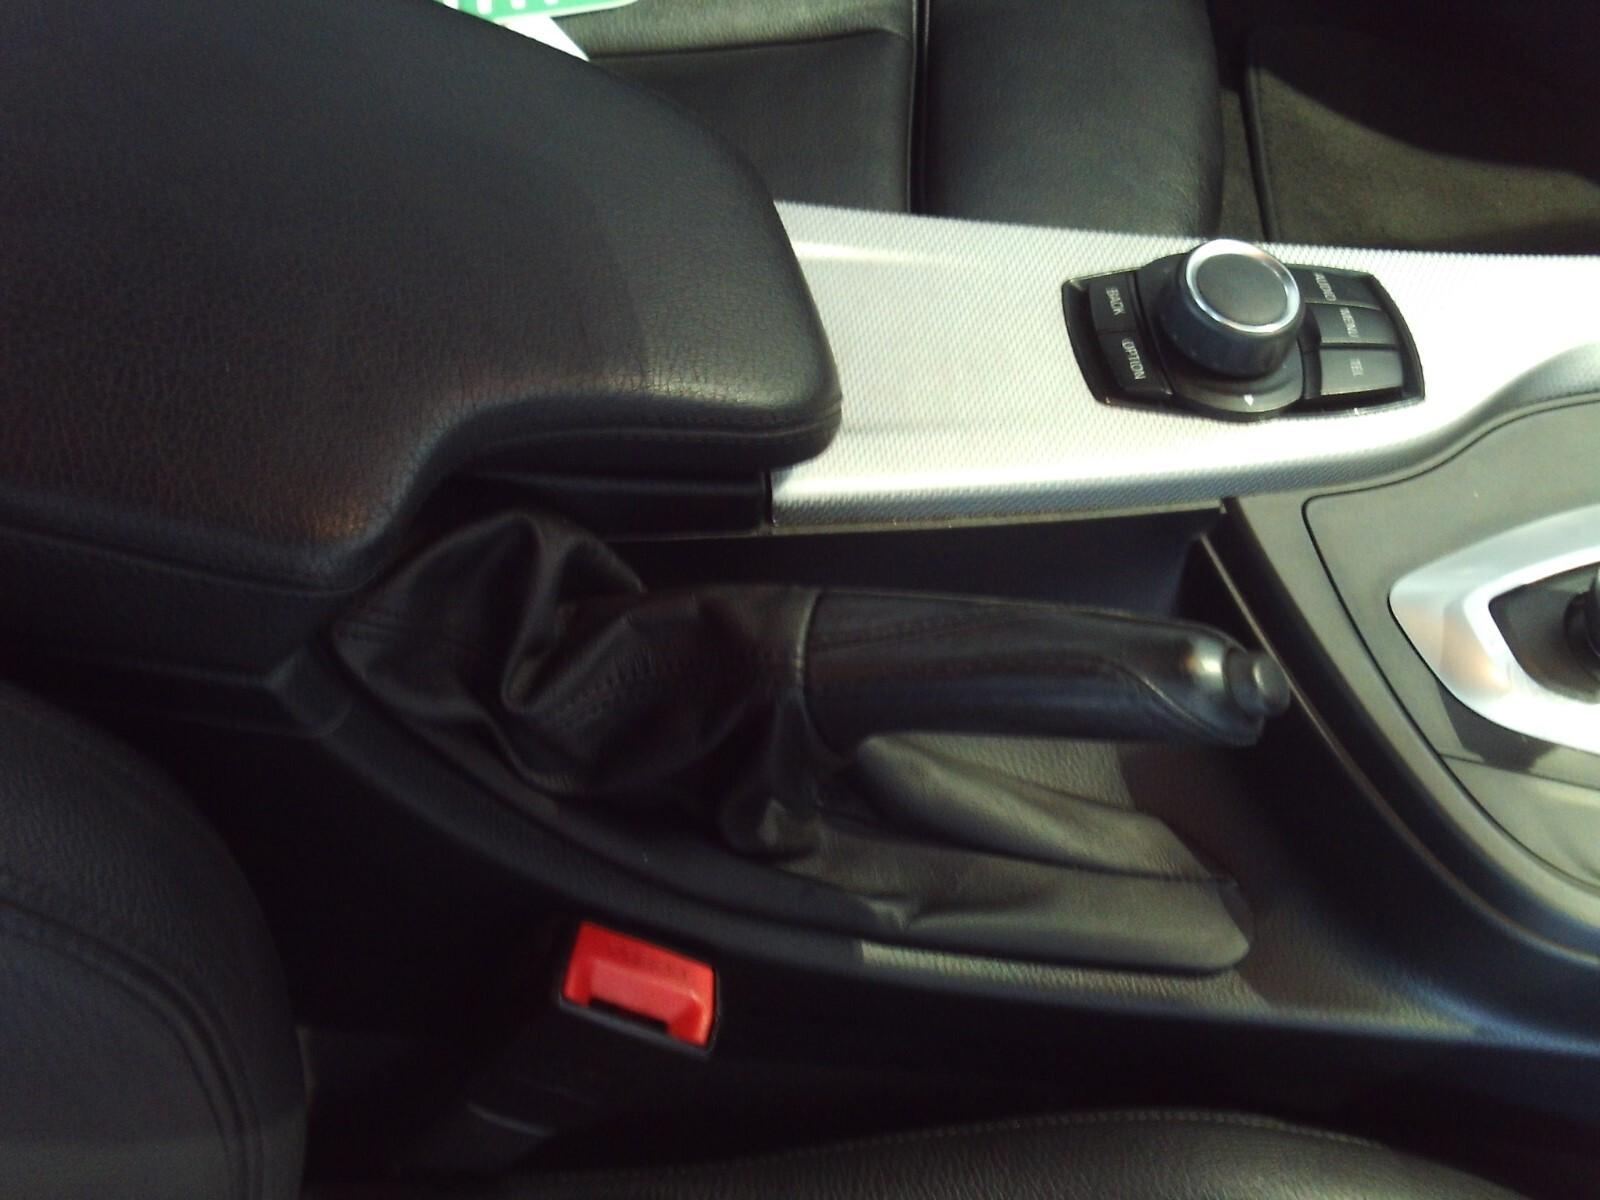 BMW 318i M SPORT A/T (F30) Roodepoort 17335162